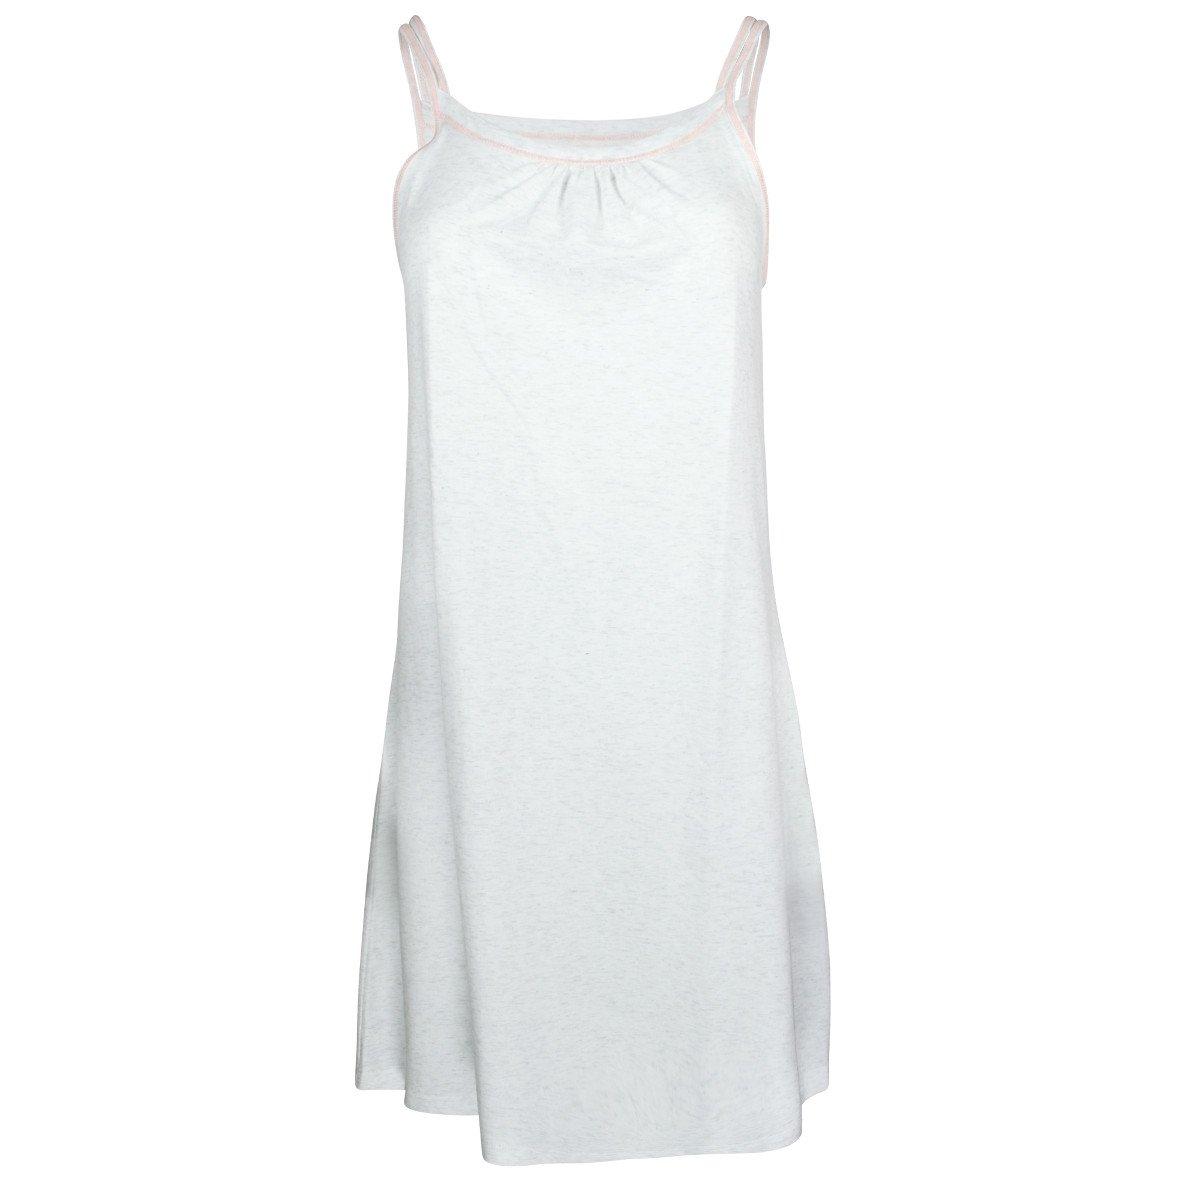 Camicia da notte con spallini in cotone bio-equo